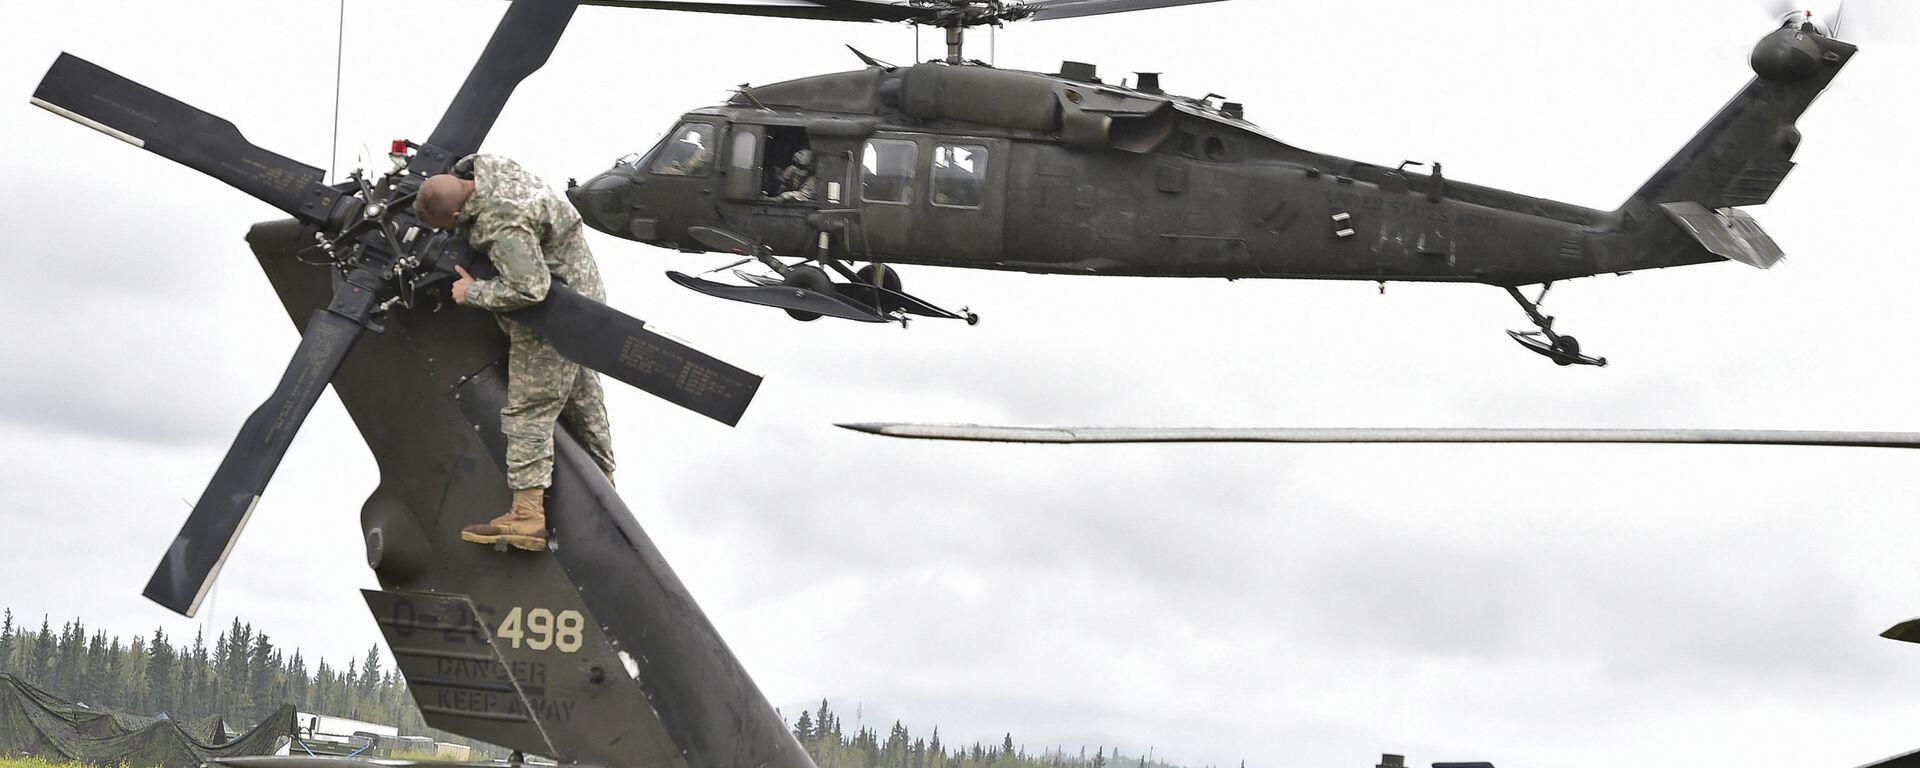 El helicóptero UH-60 Black Hawk y un militar estadounidense - Sputnik Mundo, 1920, 28.06.2021